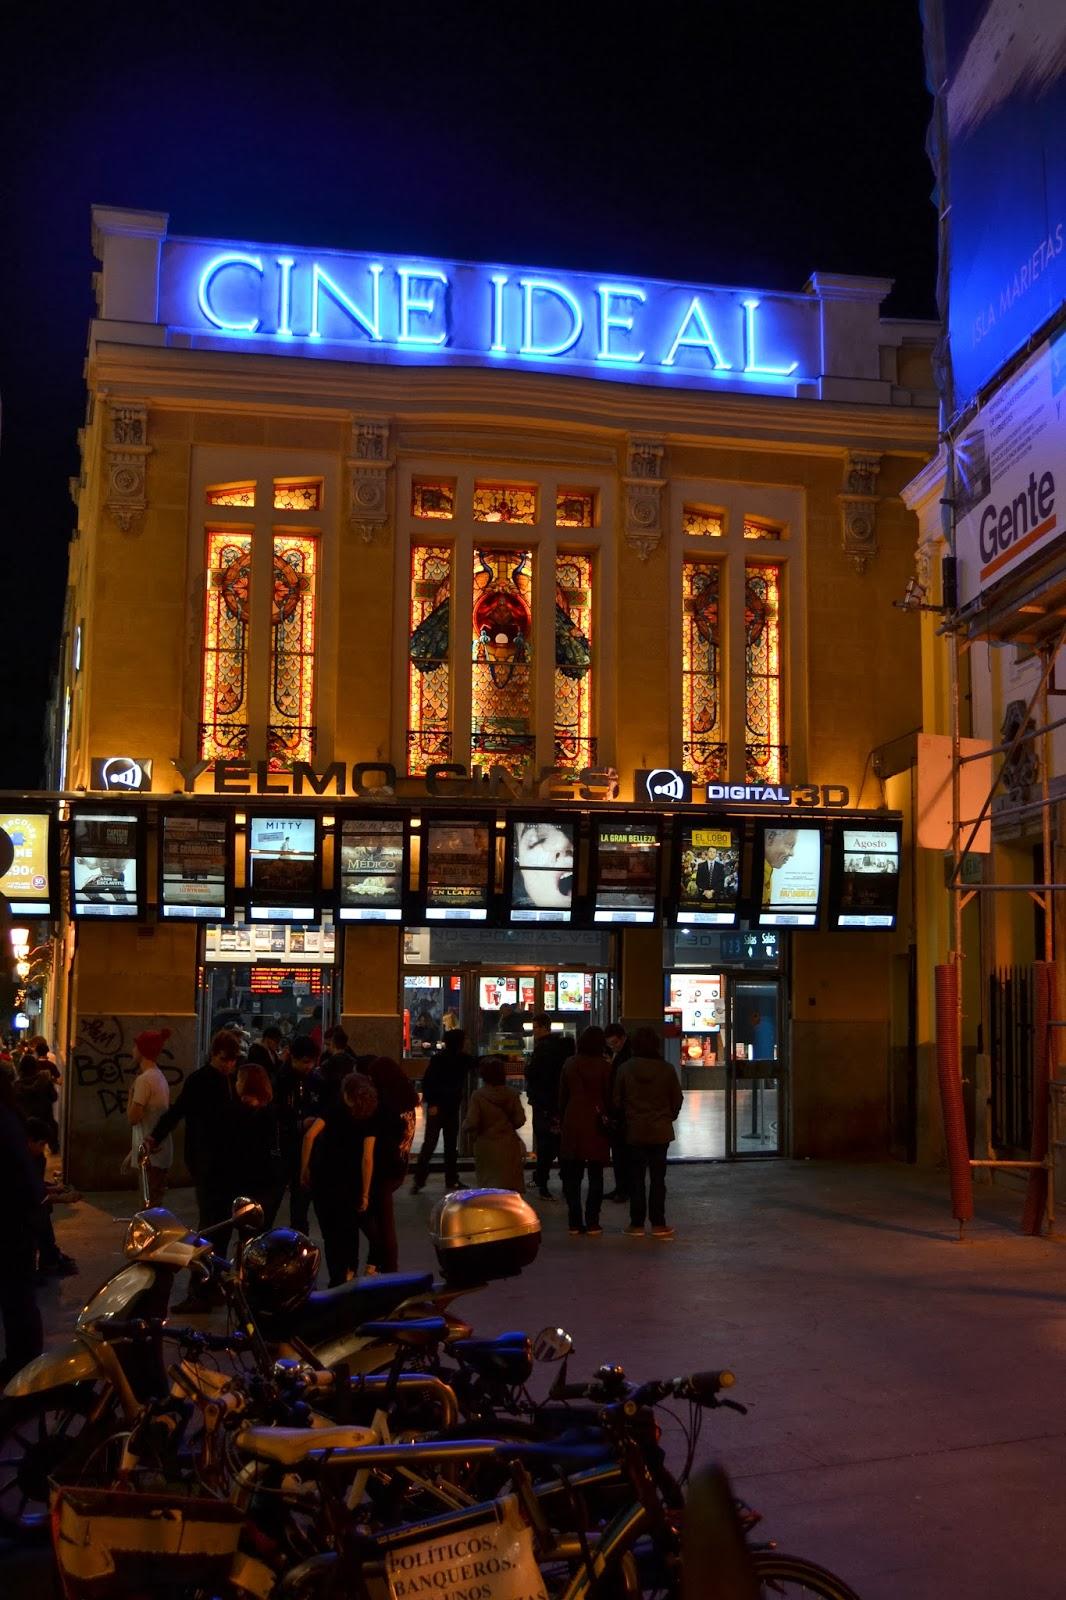 Cola en el Cine Ideal de Madrid, donde sí se estrenó el film de Scorsese. / D. Fonseca